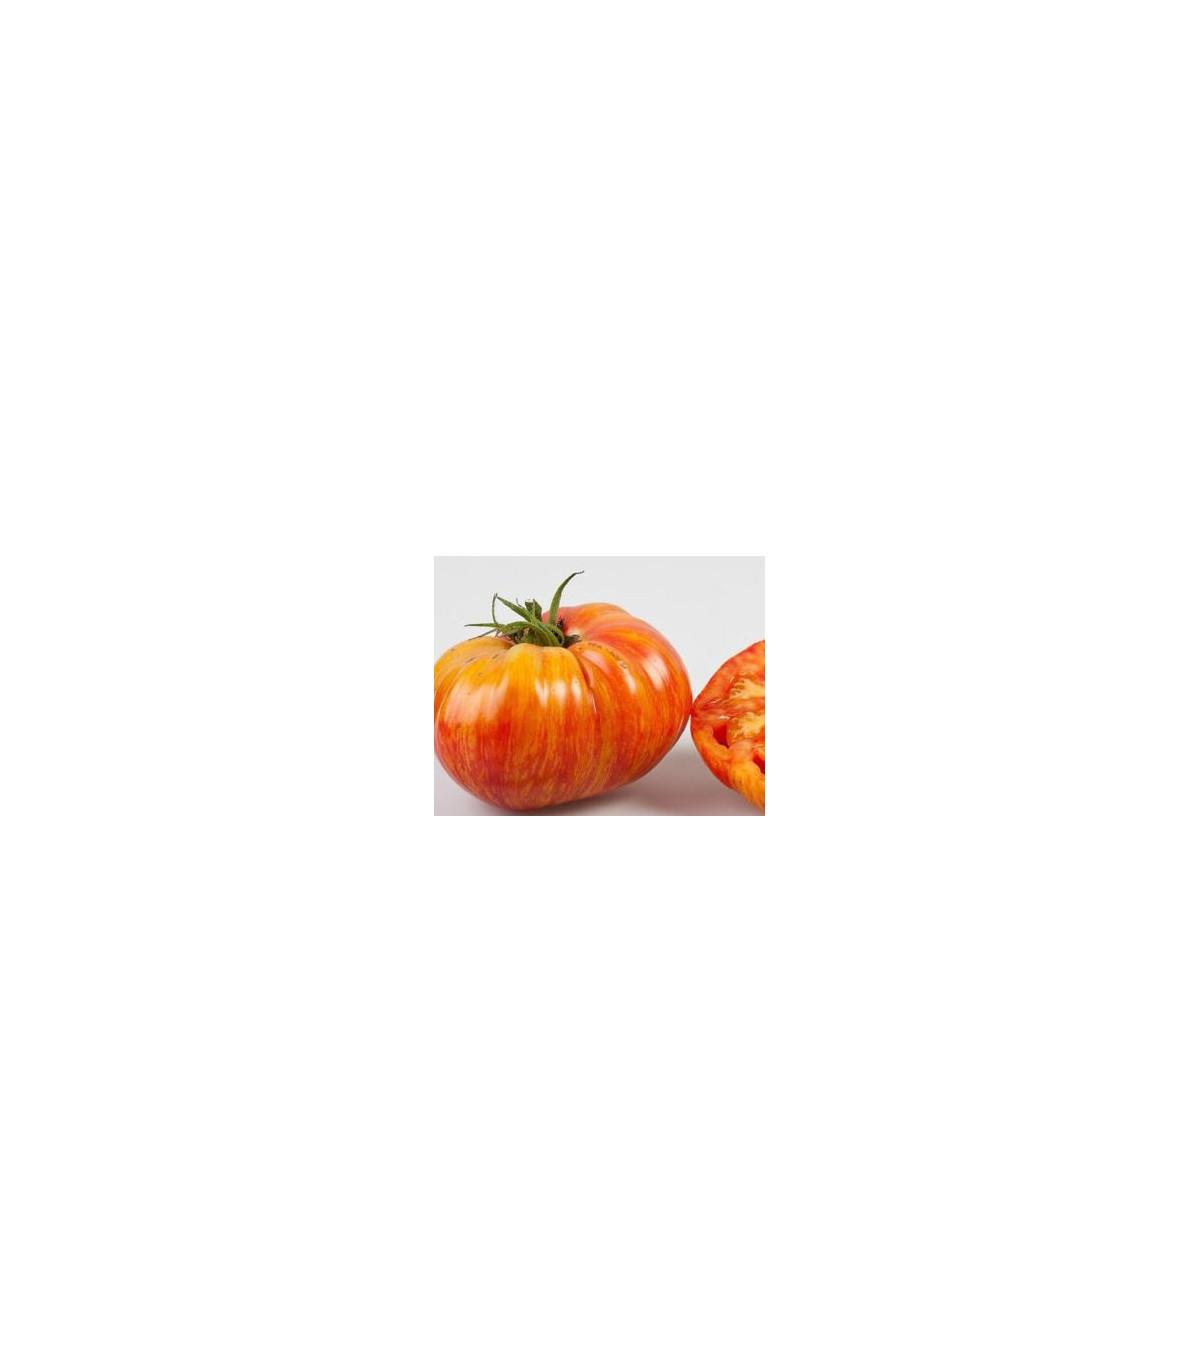 Paradajka kolíková hybridná Virginia F1 - semená paradajky - 5 ks